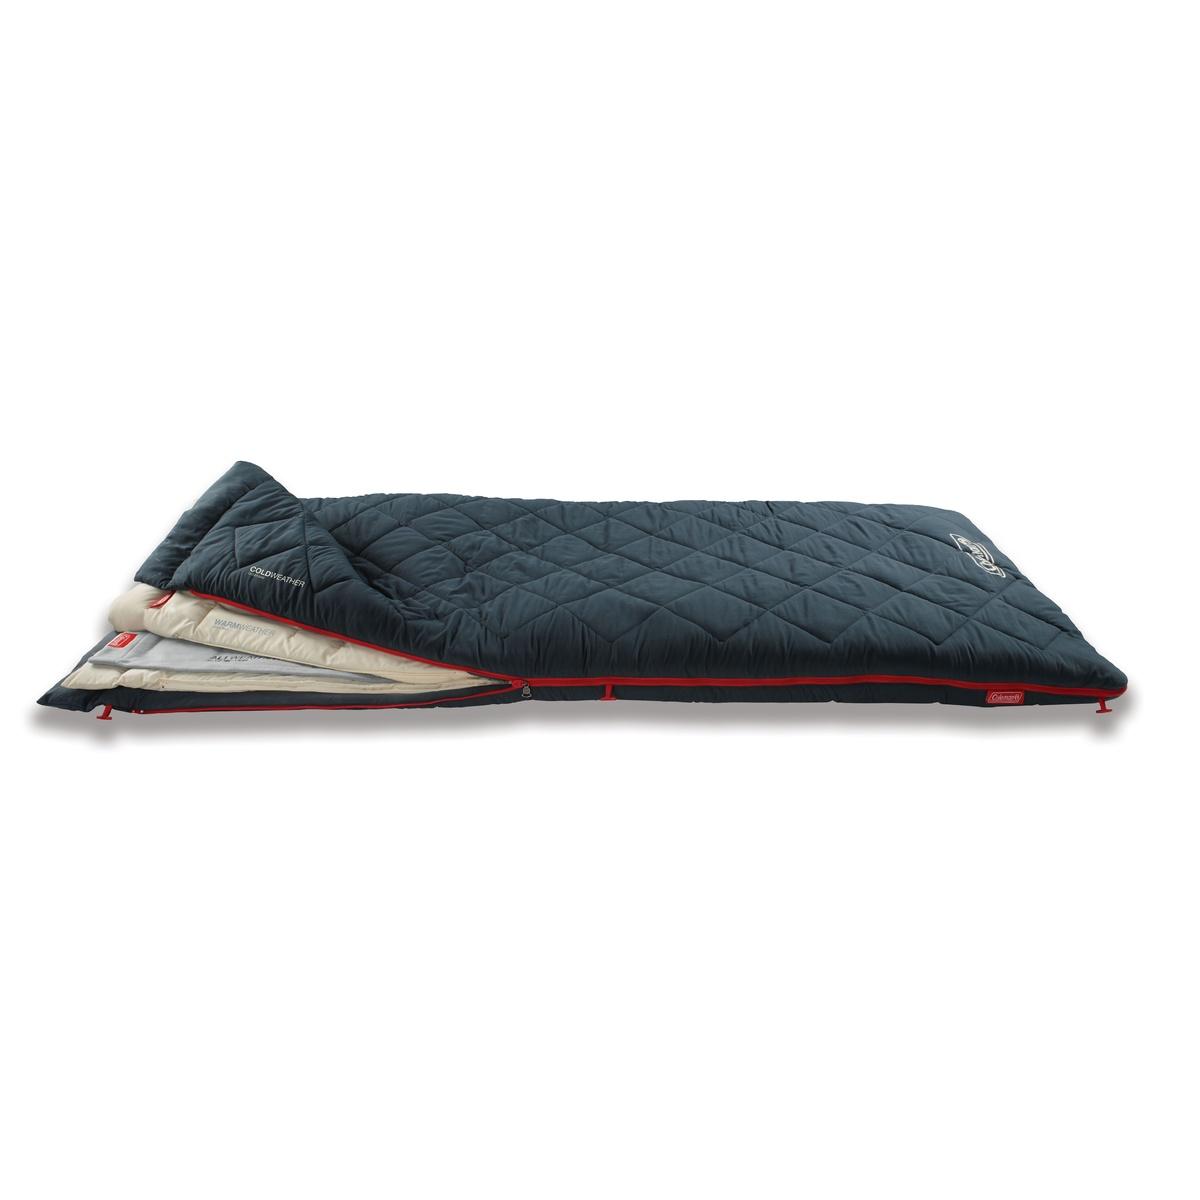 コールマンCOLEMAN マルチレイヤースリーピングバッグ キャンプ用品 スリーピングバッグ 寝袋 封筒型 2000034777 スポーツオーソリティ楽天市場店で販売開始中です